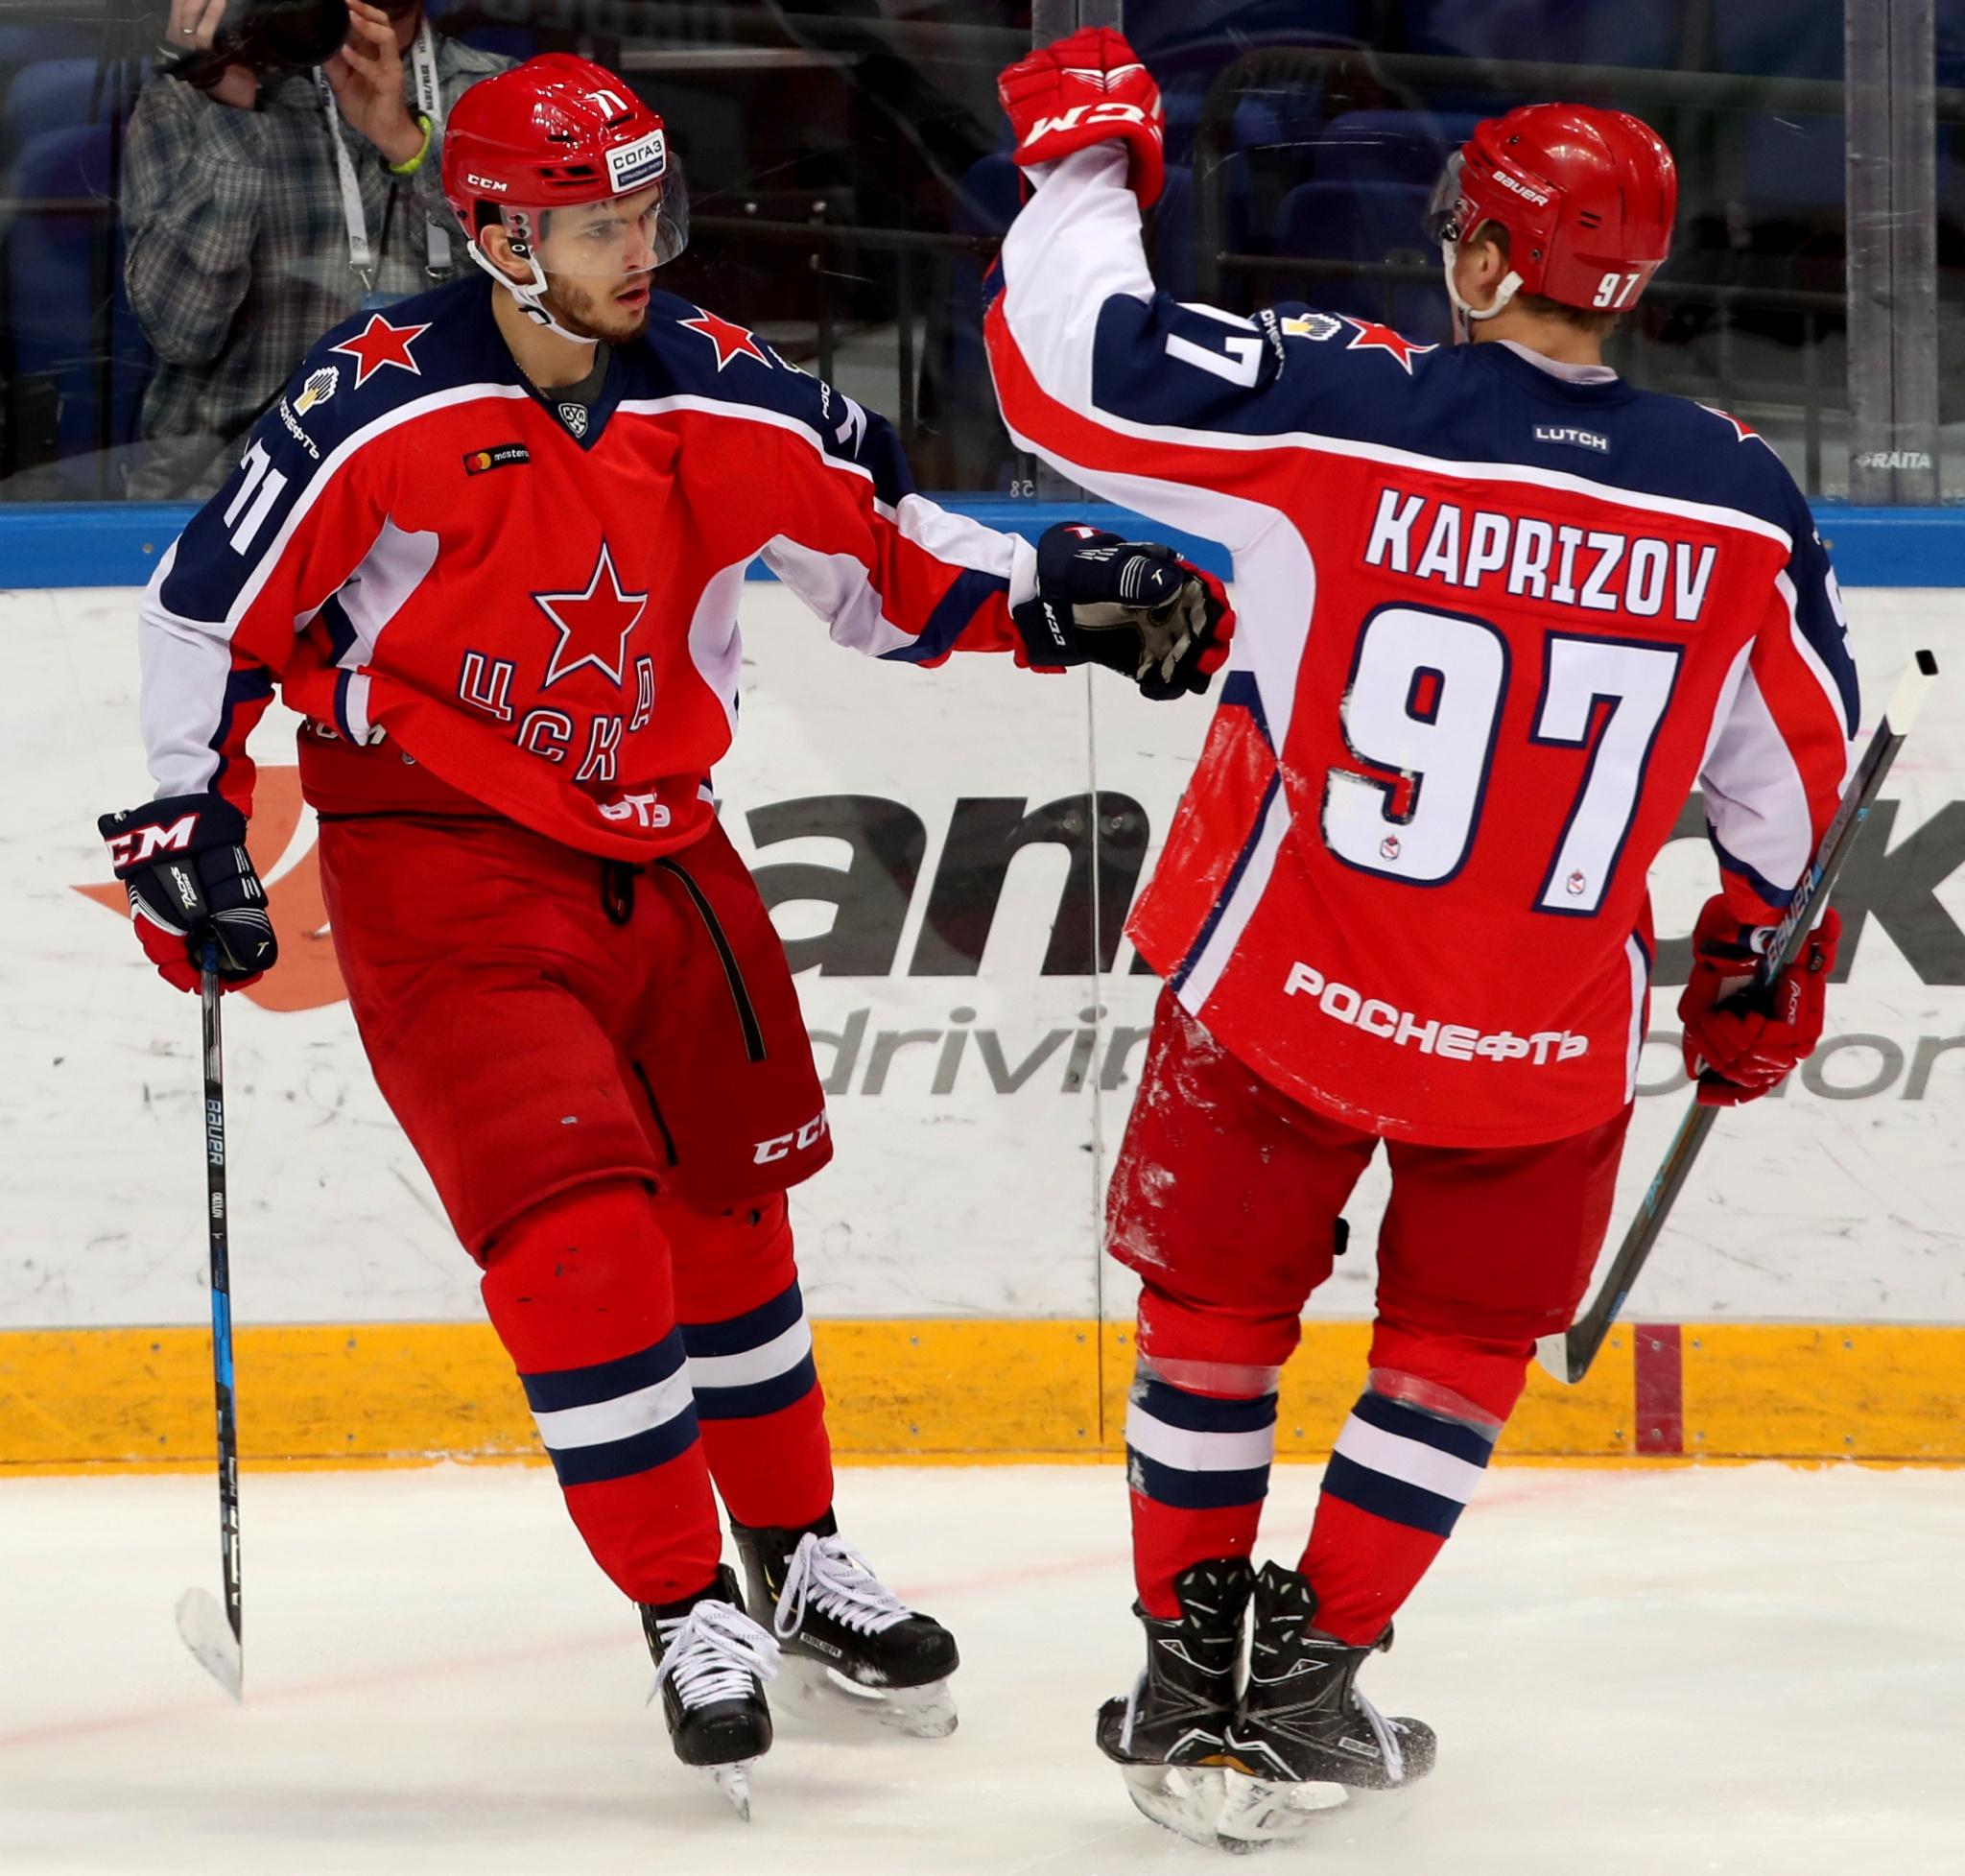 Константин Окулов и Кирилл Капризов. Фото: Алексей Беззубов